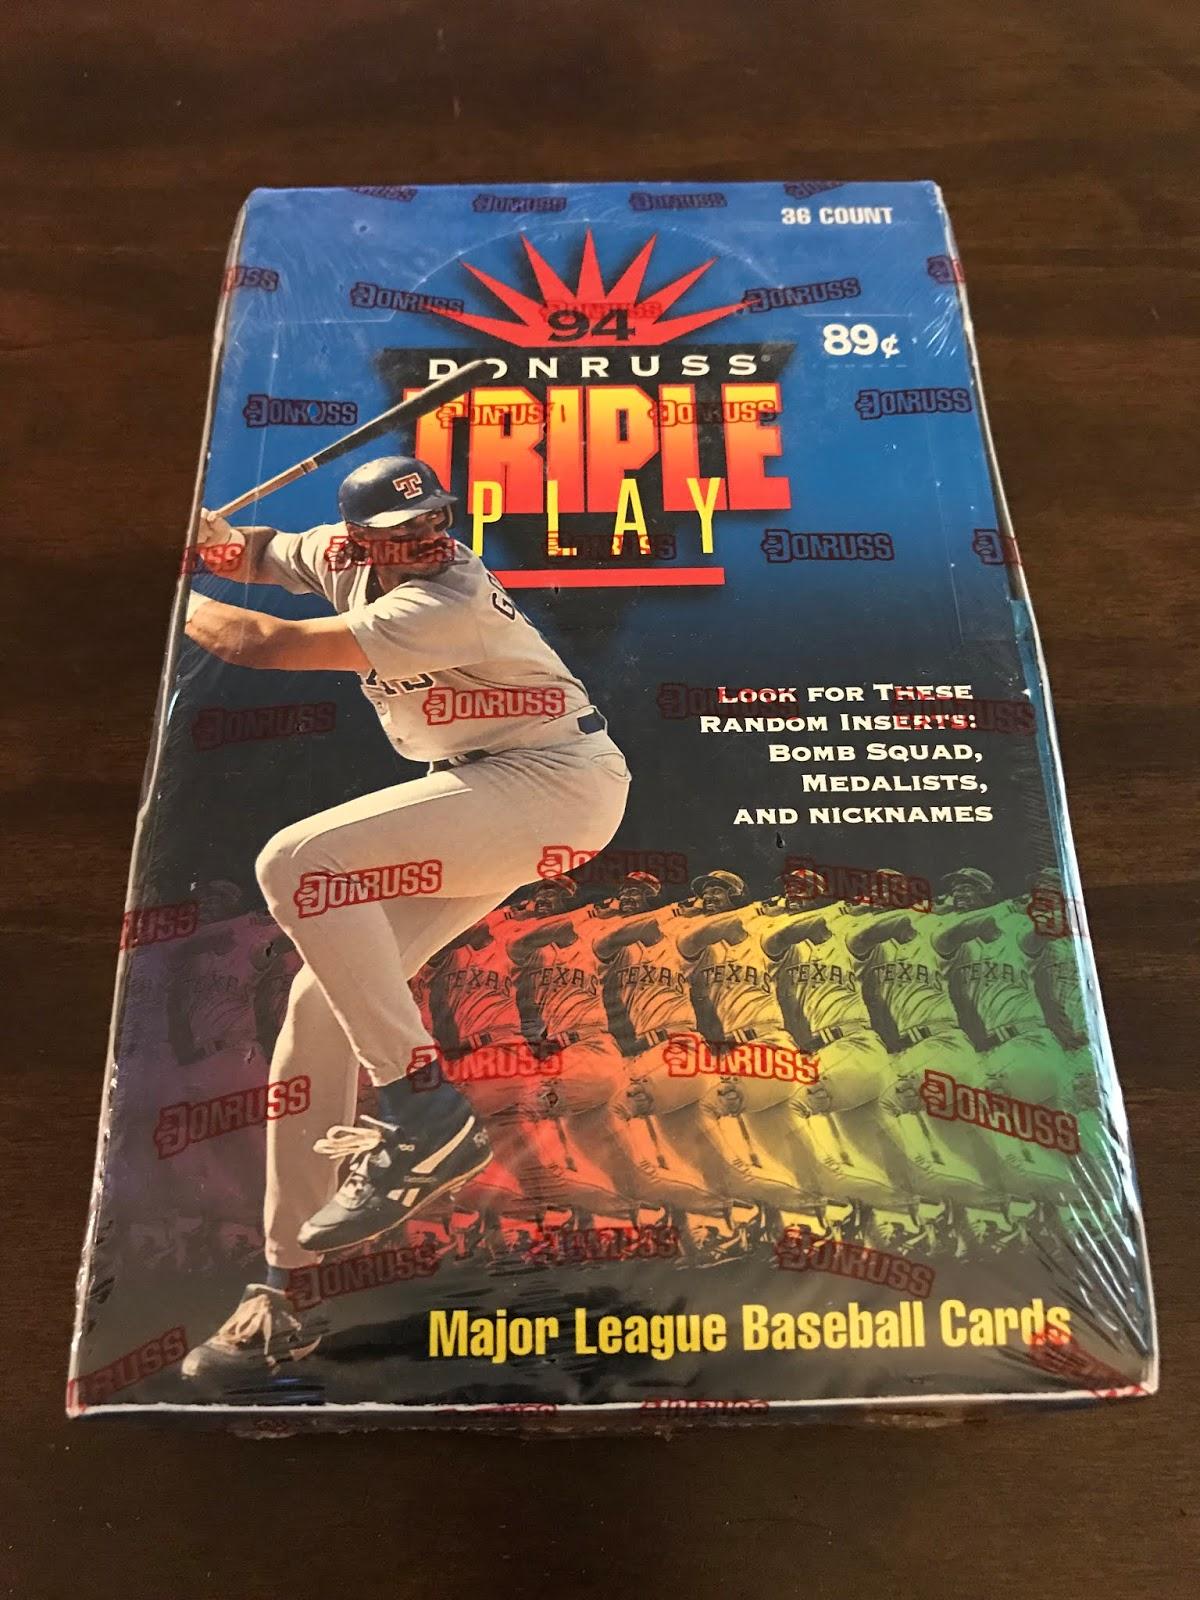 a19e70c30a Cheap Wax Wednesday - Episode 184 - 1994 Donruss Triple Play Baseball |  Cheap Wax Wednesday...and other stuff